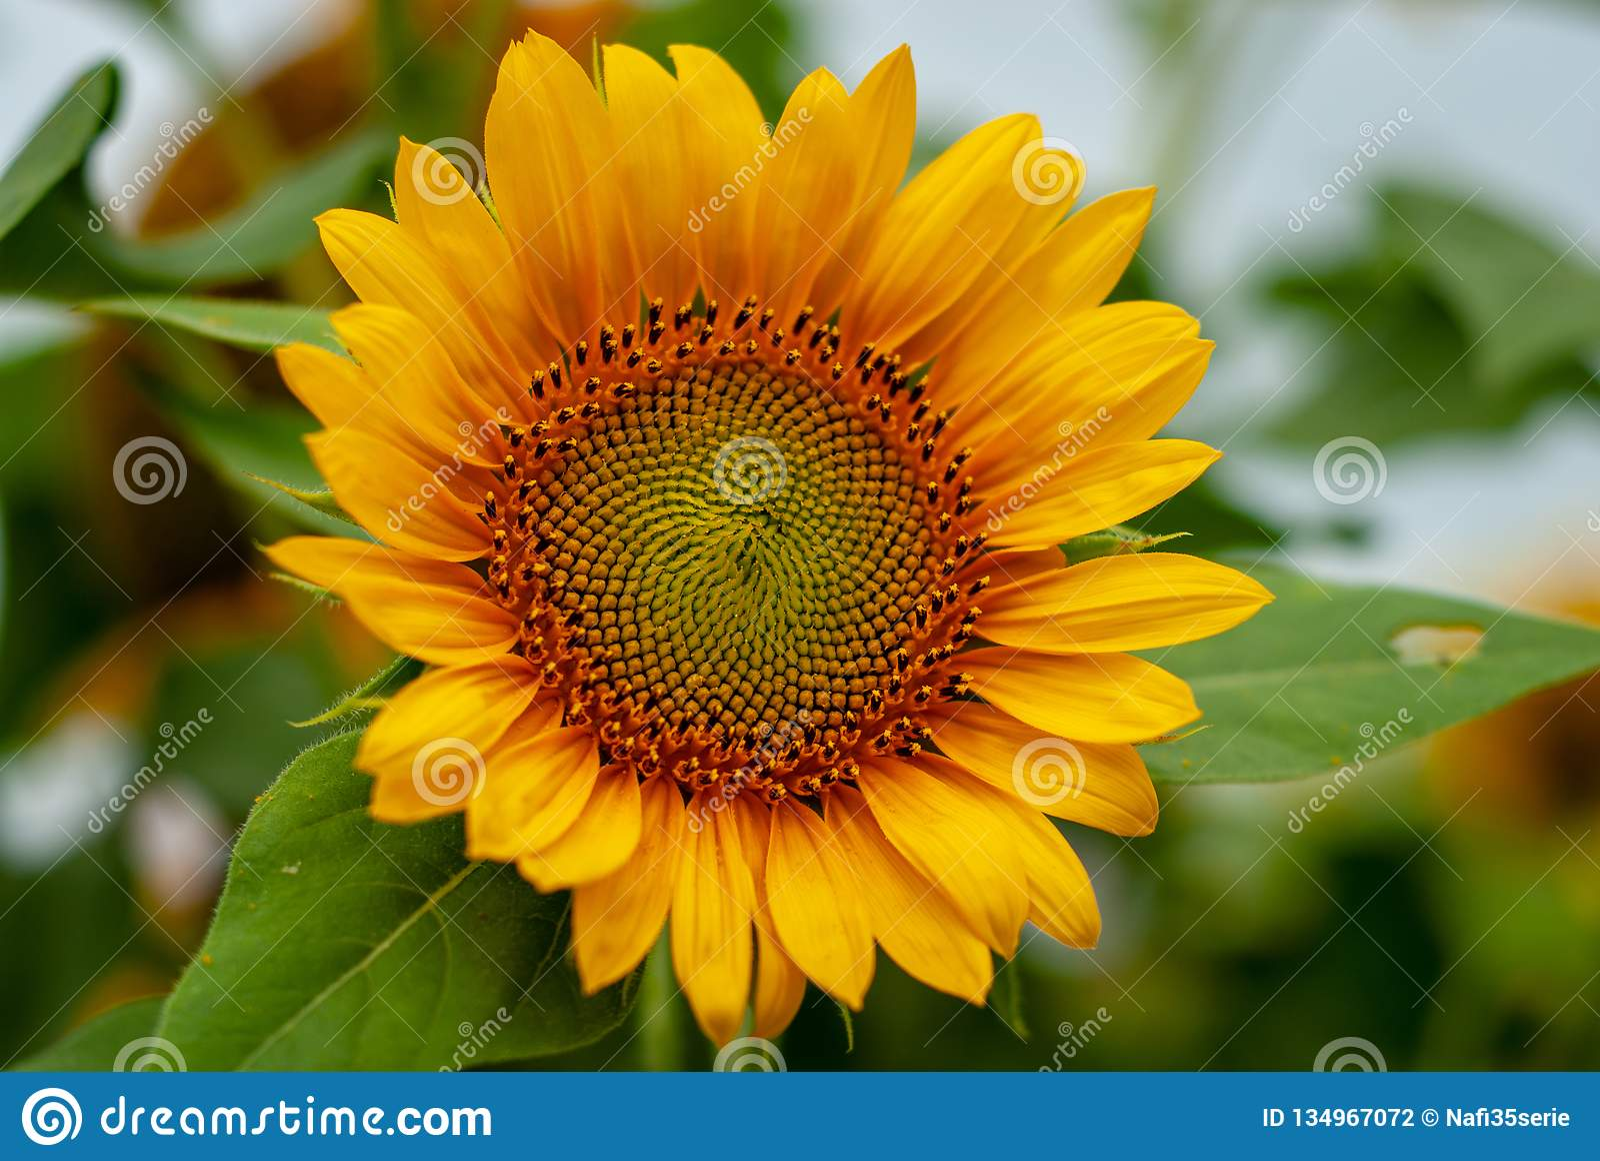 Bunga Matahari Beautiful Bright Yellow Sunflowers Farm Fields In